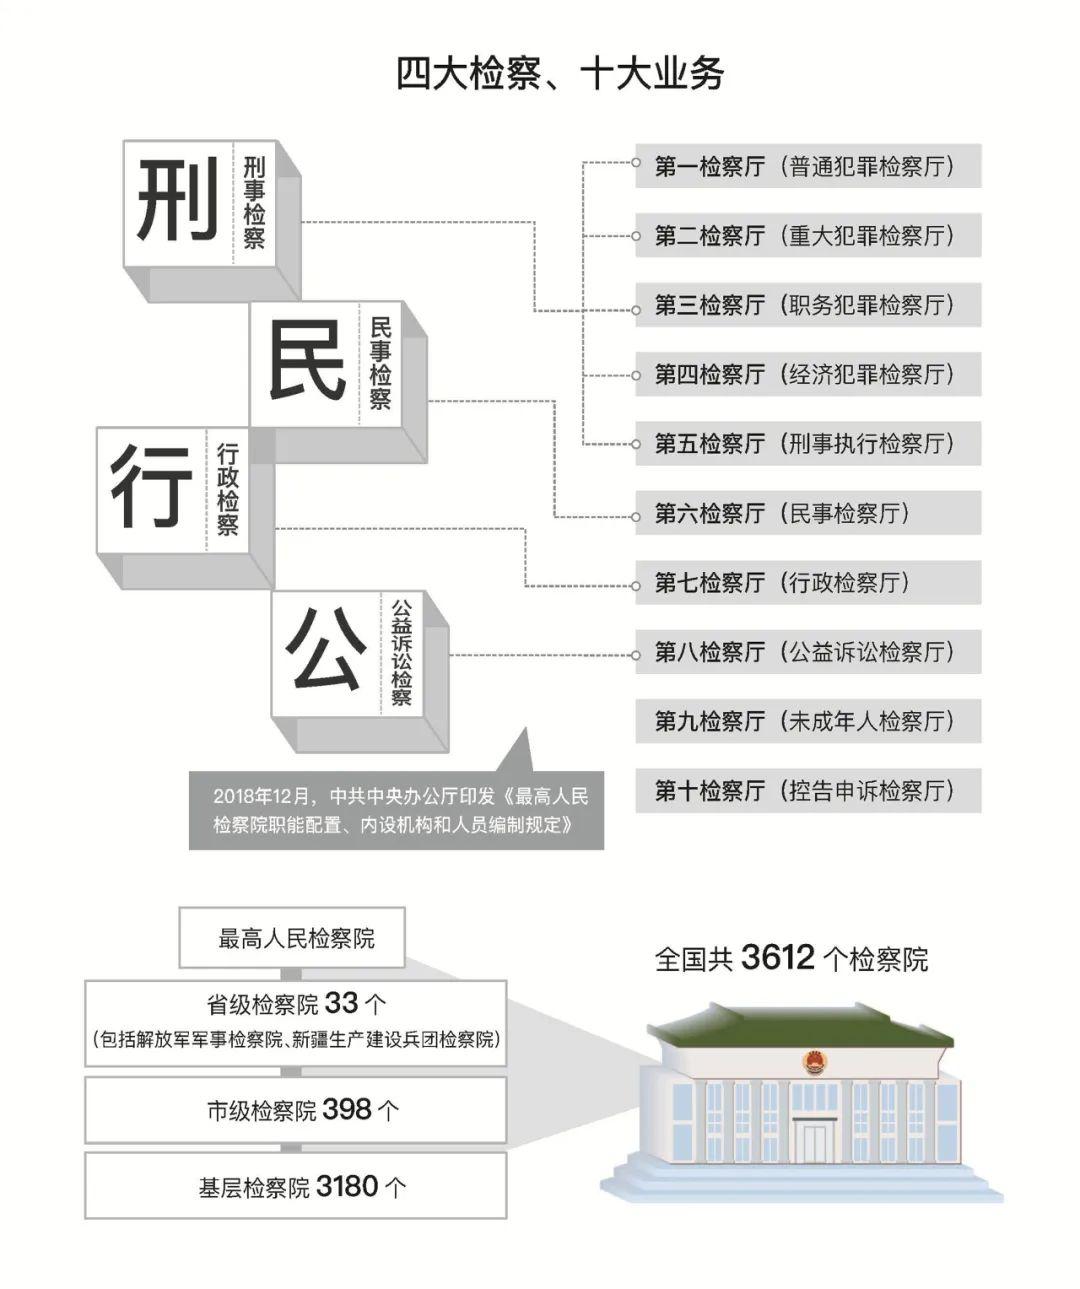 最高人民检察院工作报告(审议版)图片